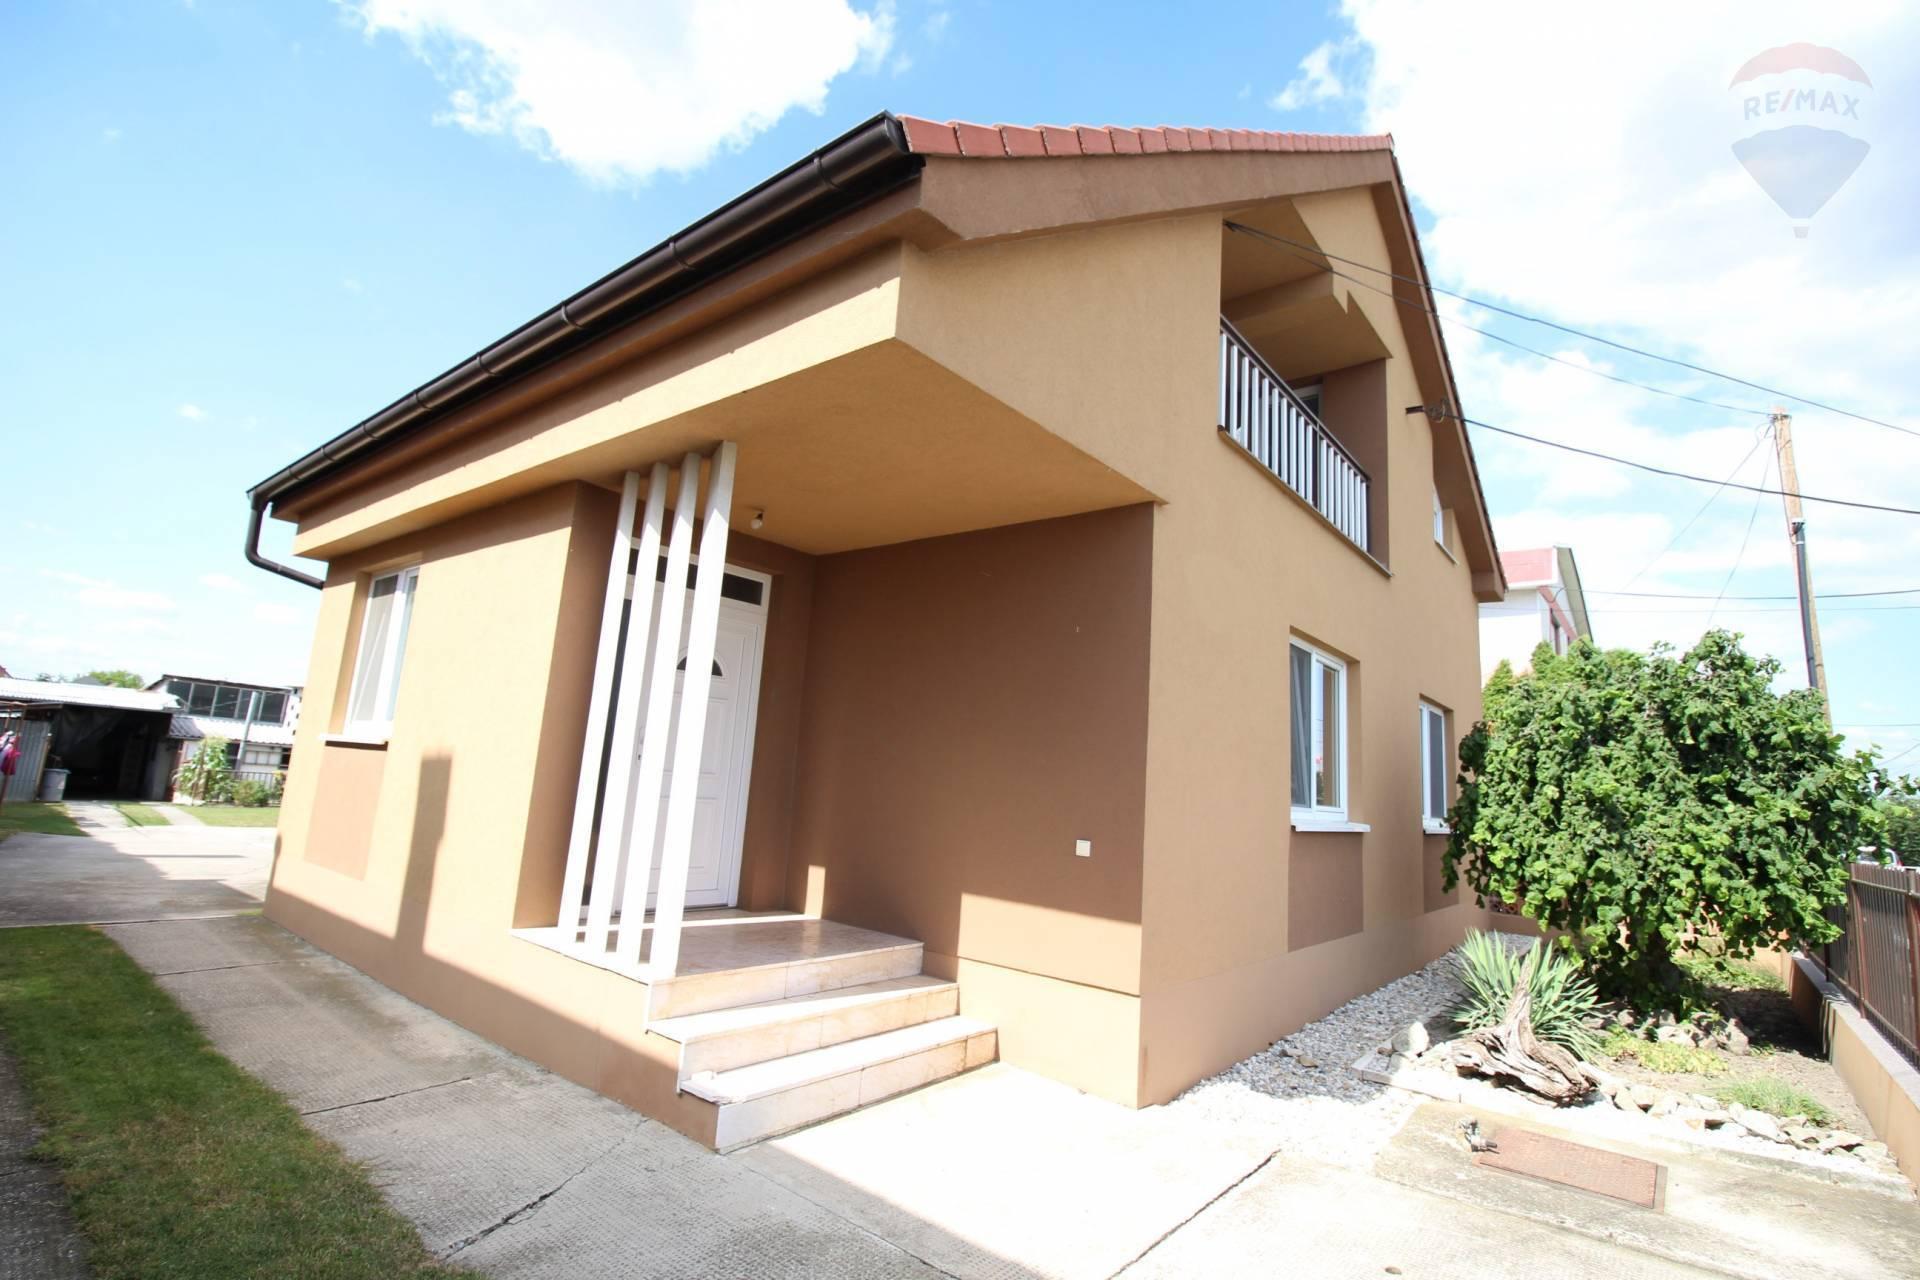 Predaj: priestranný 5 izbový rodinný dom, dvojgeneračný,garáž,tichej kludnej uličke,Jahodná,okres DS